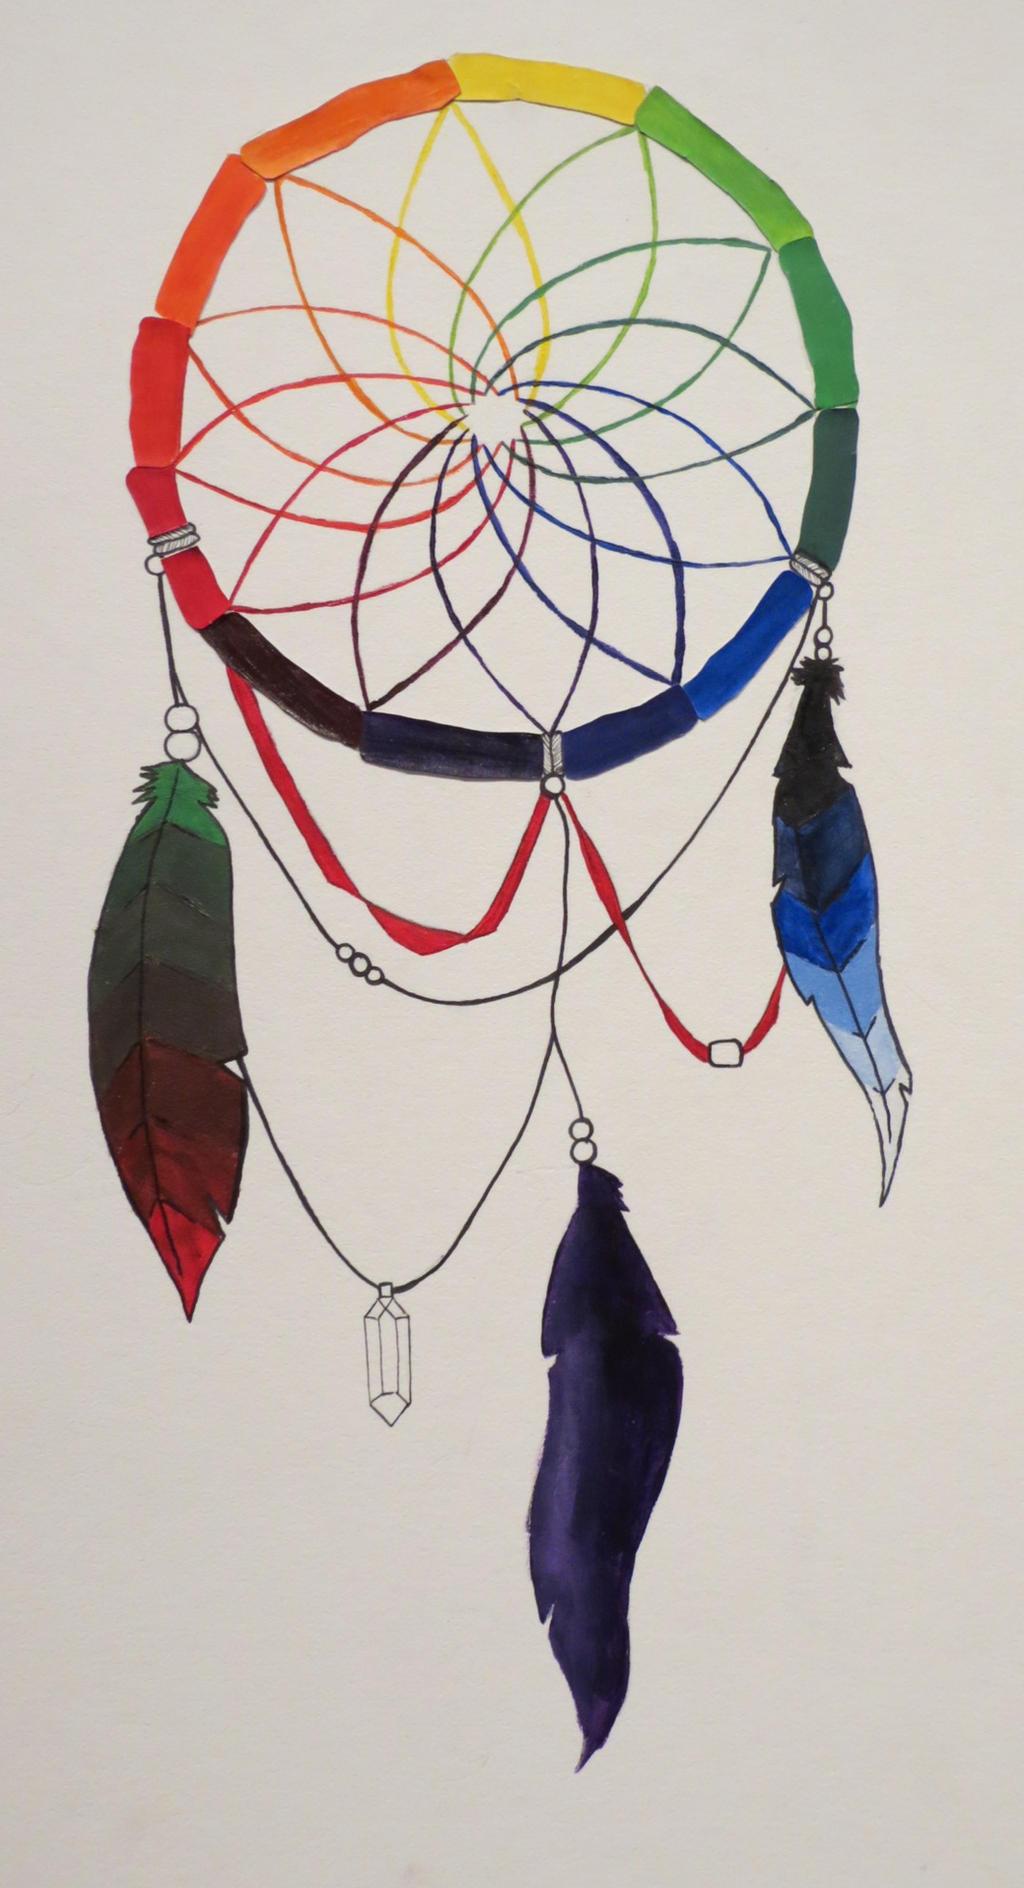 Color art dreamcatcher - Dreamcatcher Color Wheel By Thenessymonster Dreamcatcher Color Wheel By Thenessymonster